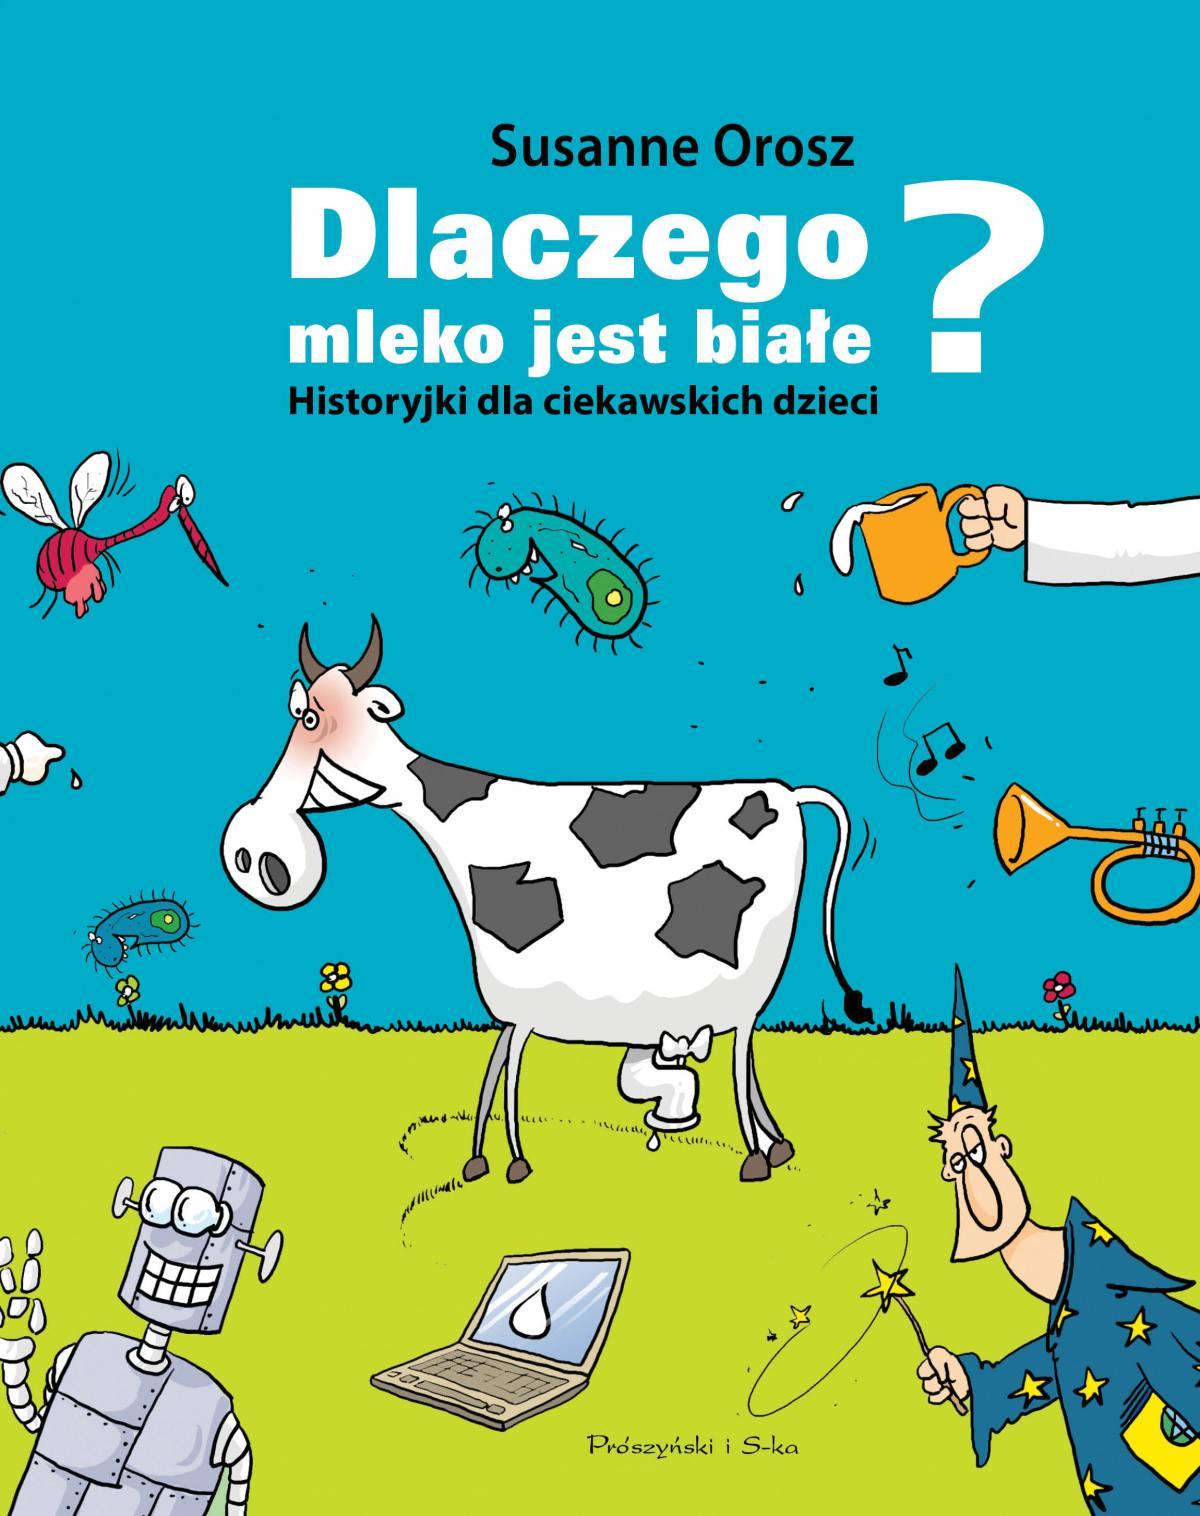 Dlaczego mleko jest białe? Historyjki dla ciekawskich dzieci - Ebook (Książka EPUB) do pobrania w formacie EPUB